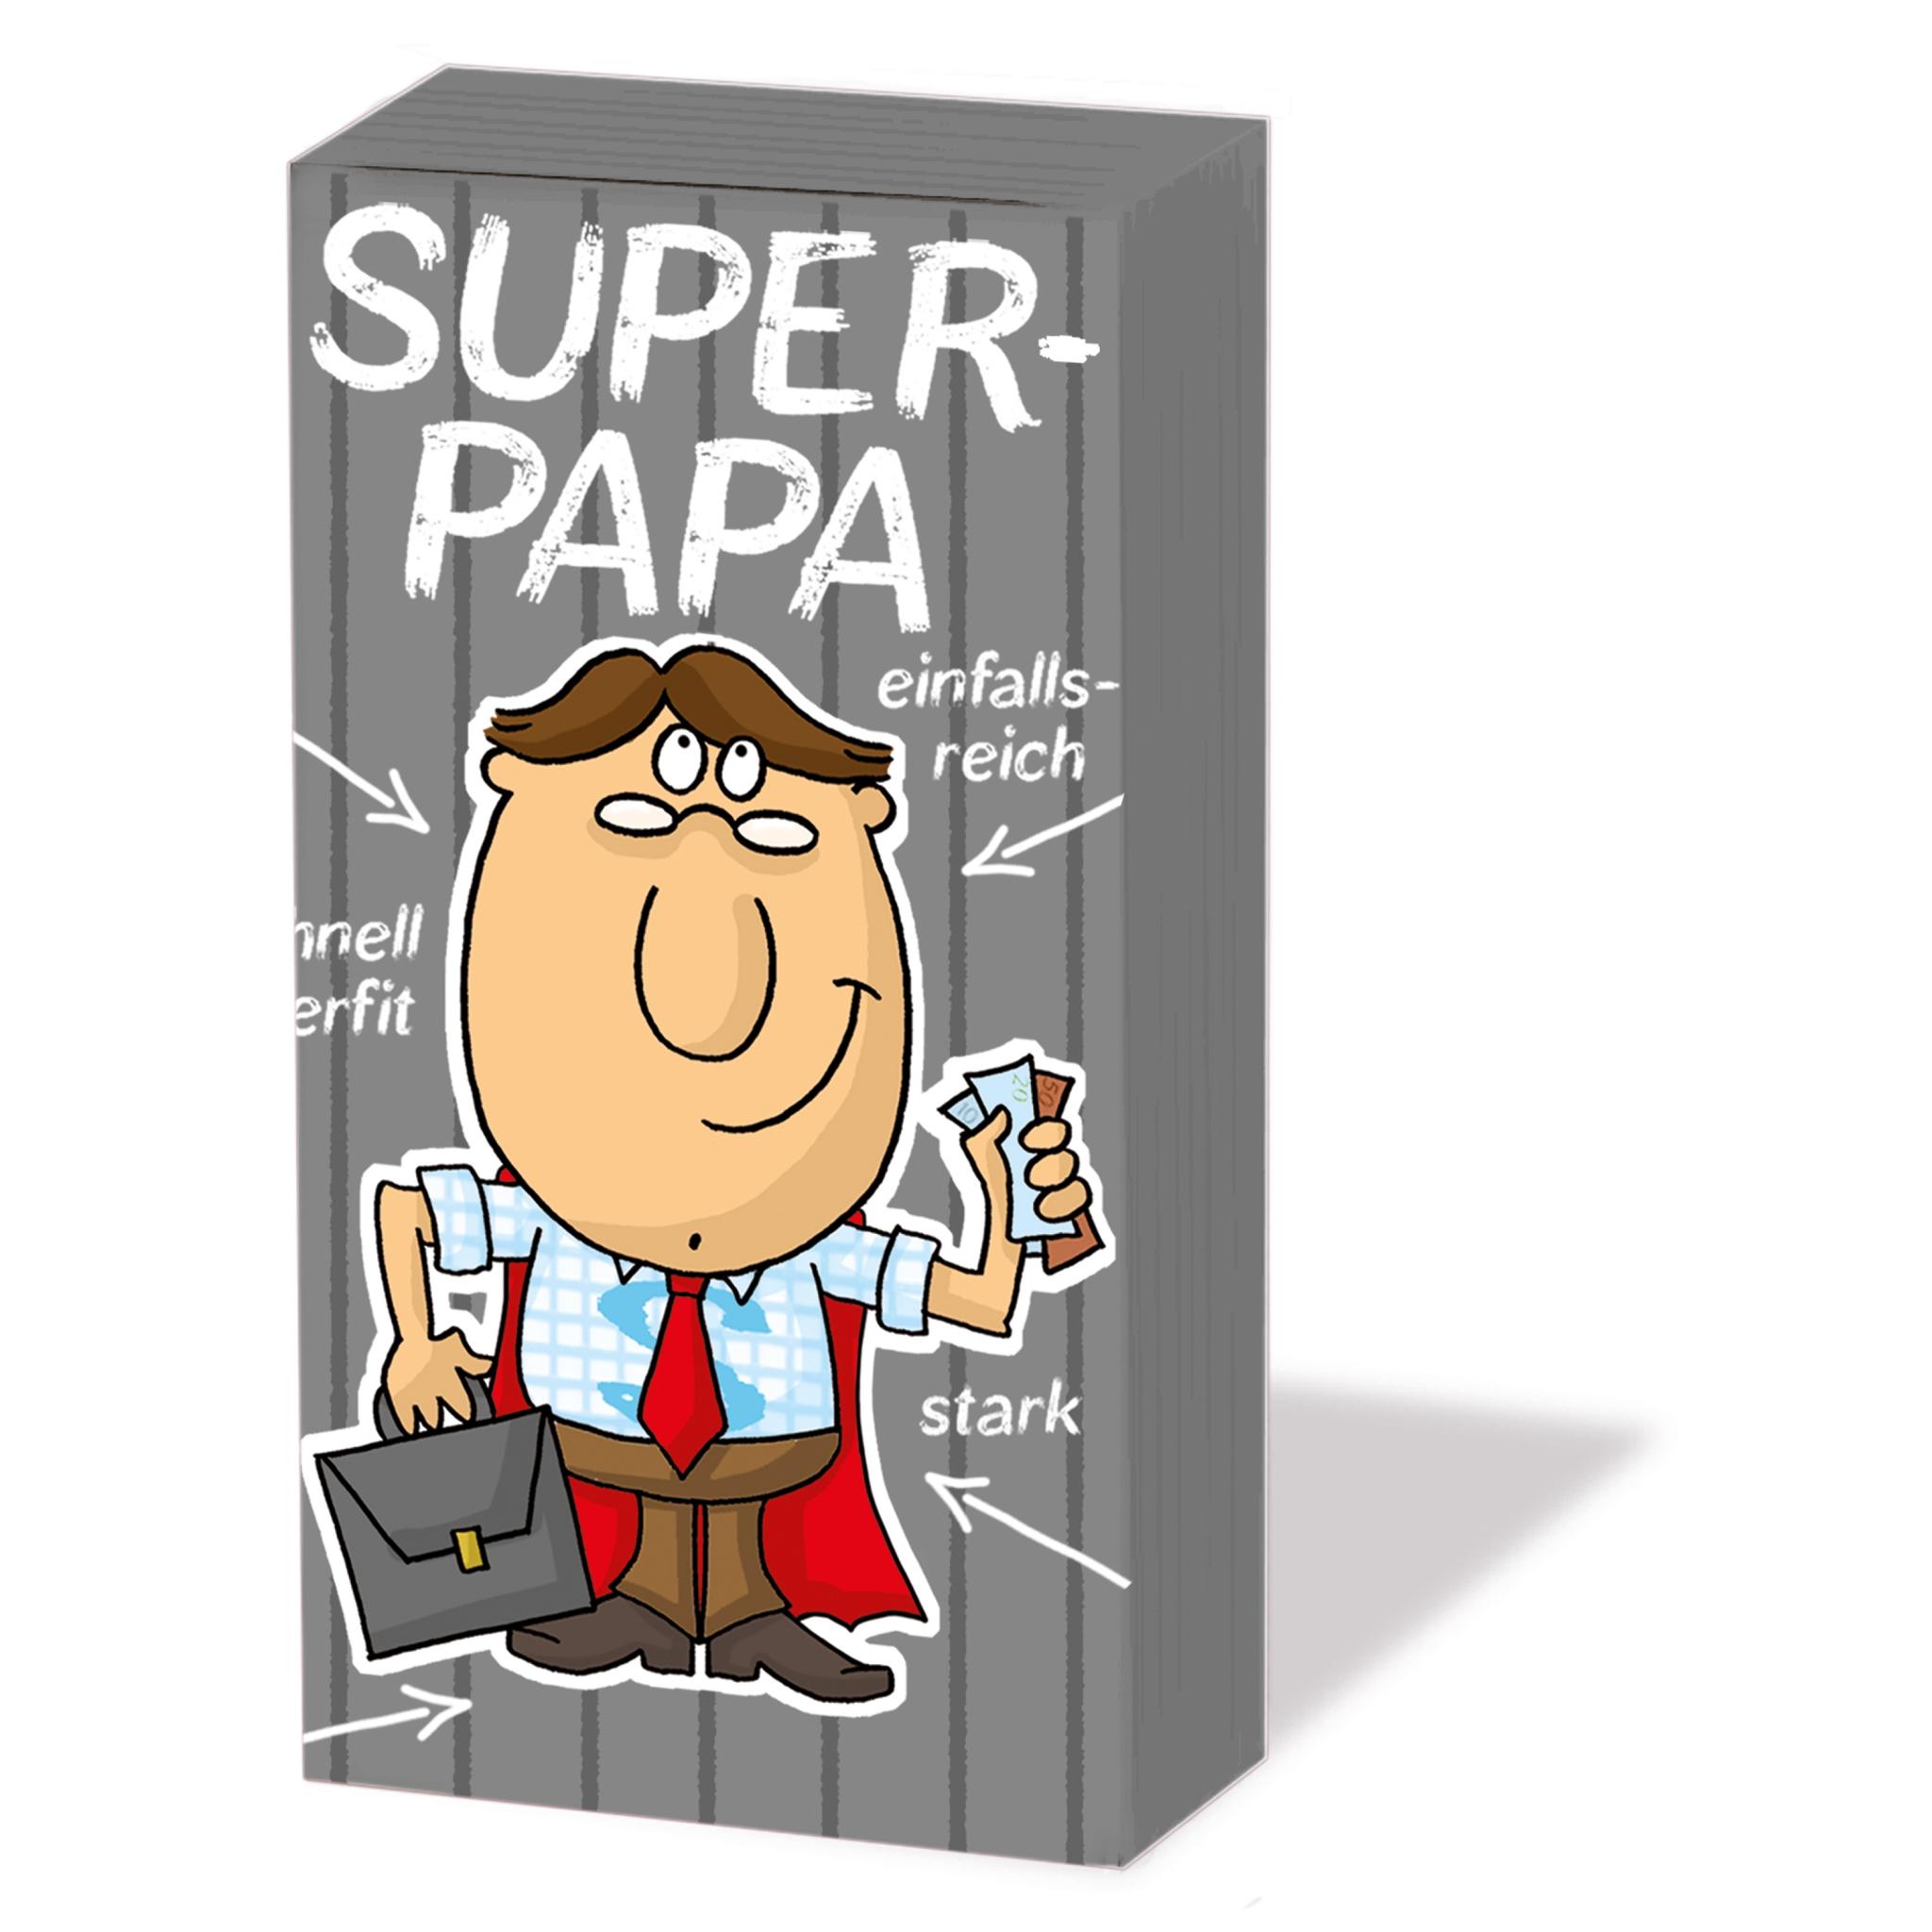 Taschentücher Super-Papa,  Sonstiges,  Everyday,  bedruckte papiertaschentücher